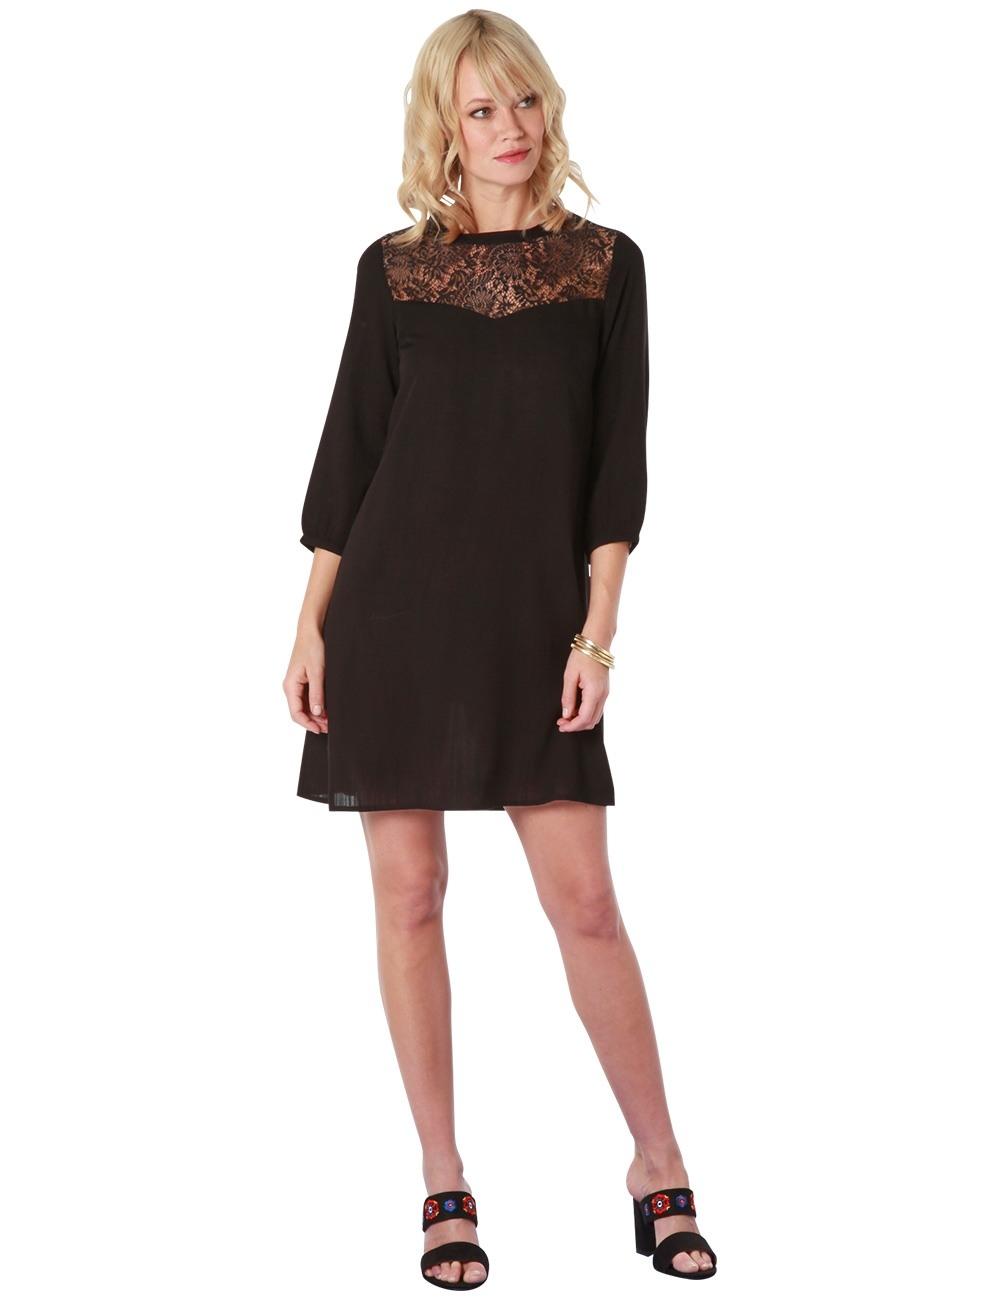 20 Einfach Schwarzes Kleid Mit Spitze SpezialgebietAbend Schön Schwarzes Kleid Mit Spitze Galerie